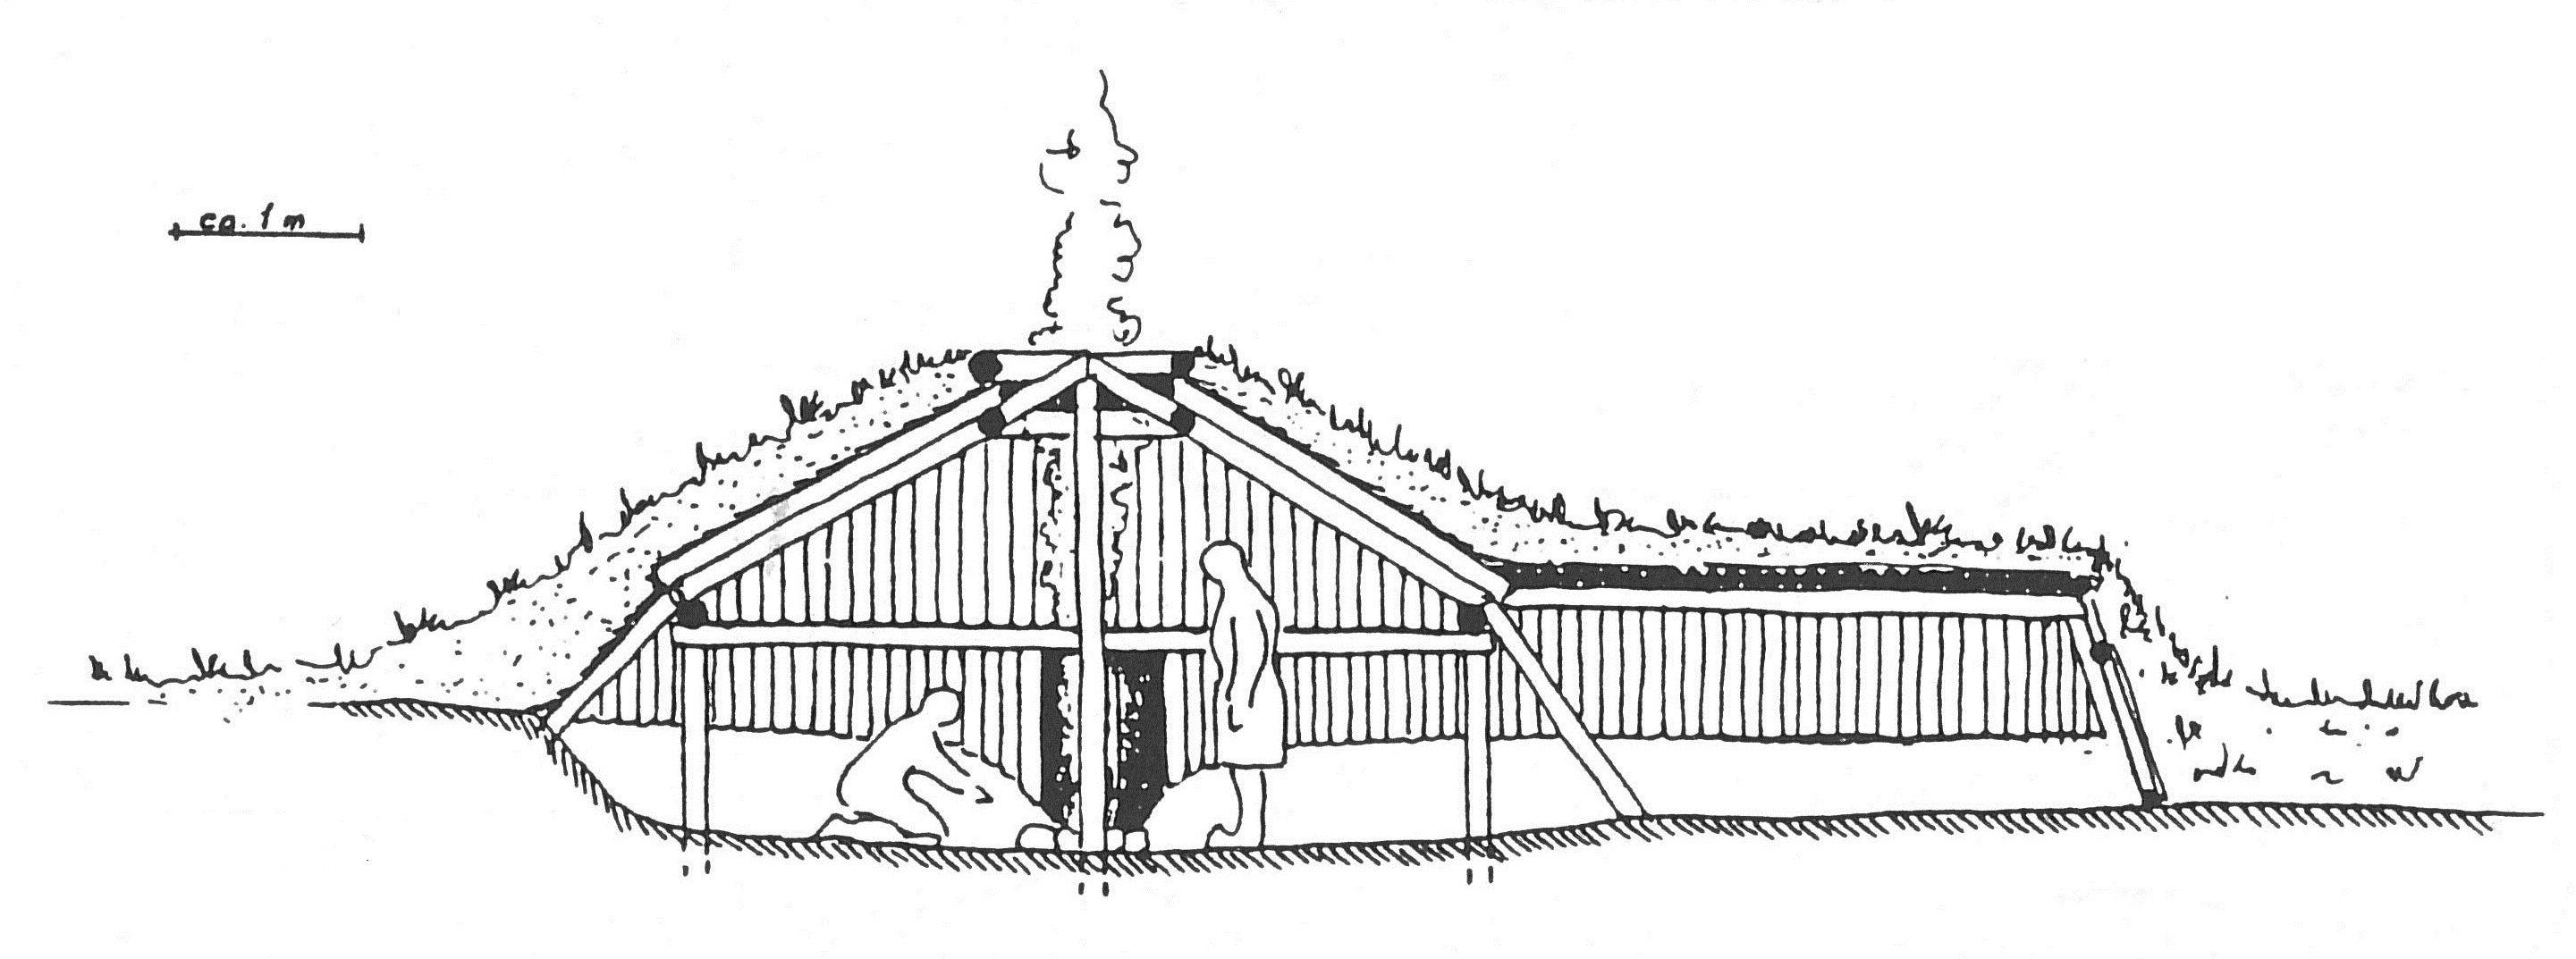 Pin By Linas Sadauskas On Cob House Sod Or Turf Mud